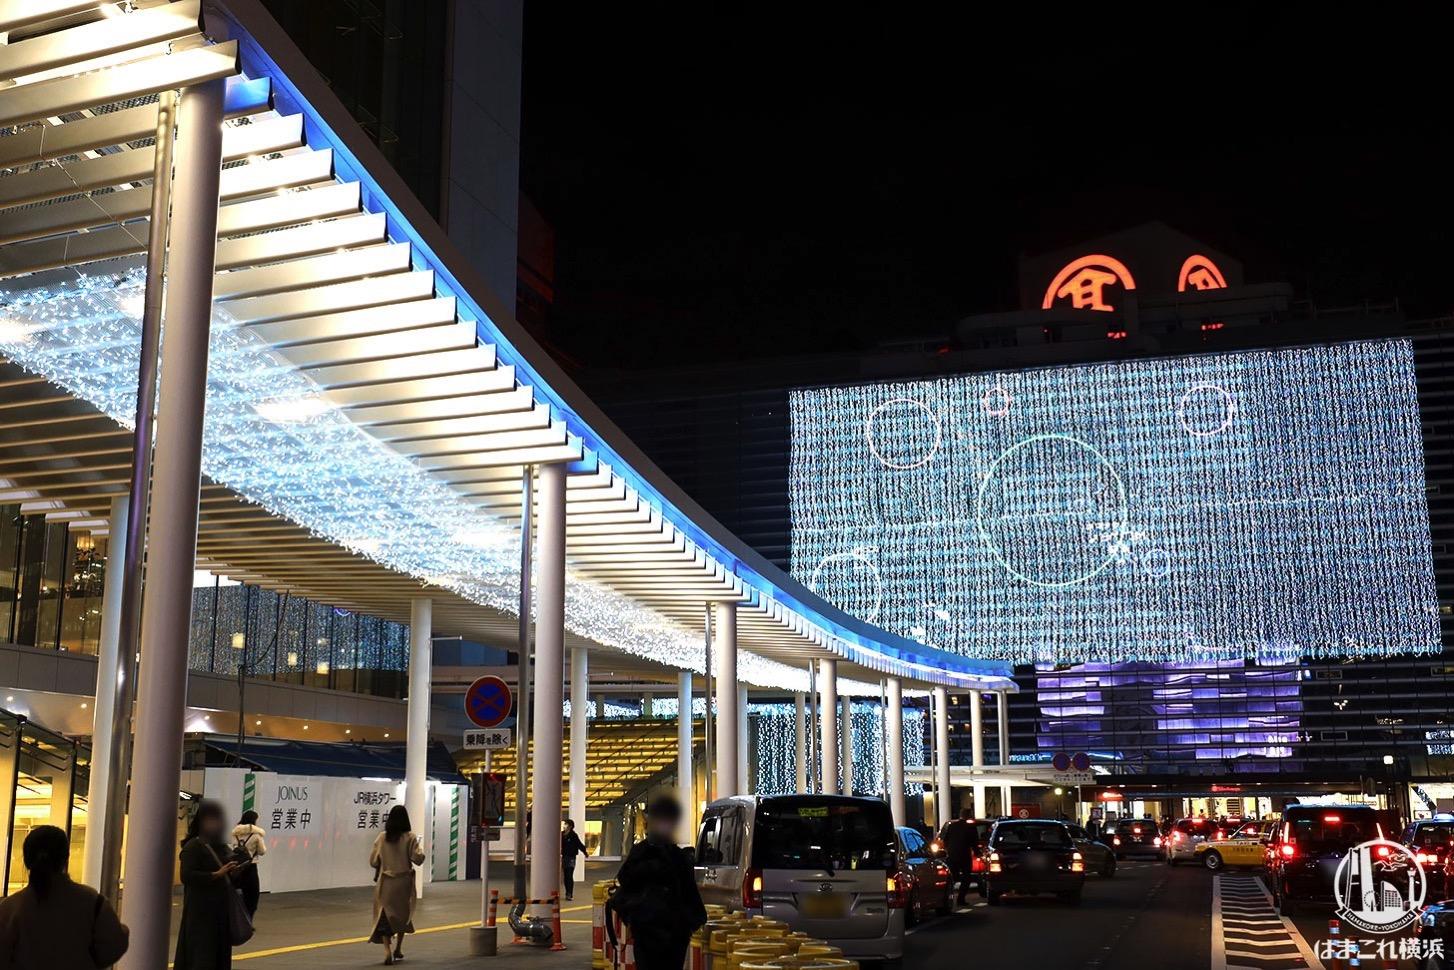 ヨコハマイルミネーション 横浜高島屋と屋根のライトアップ